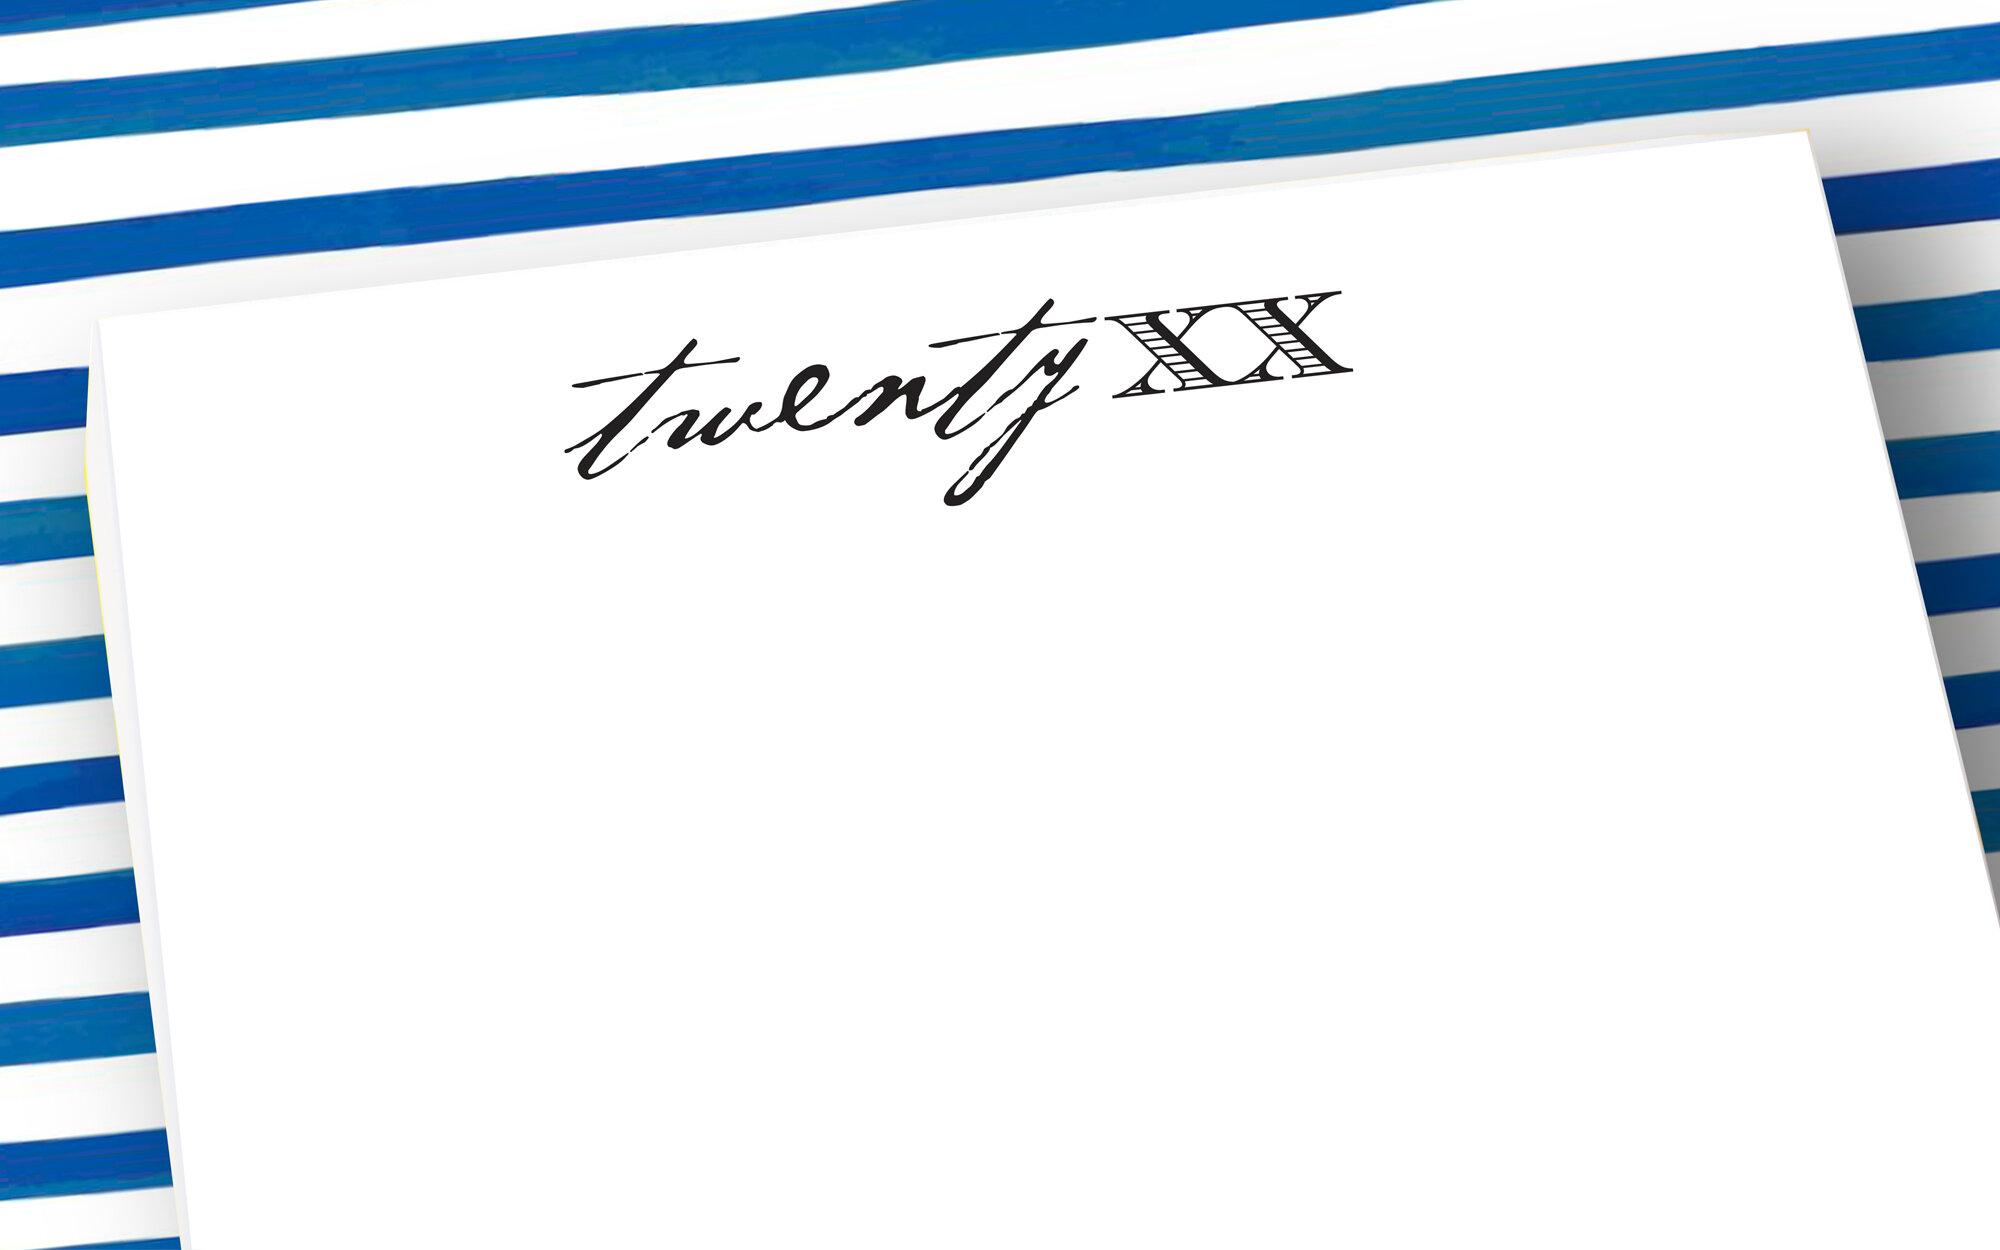 TWENTY XX LUXE PAD